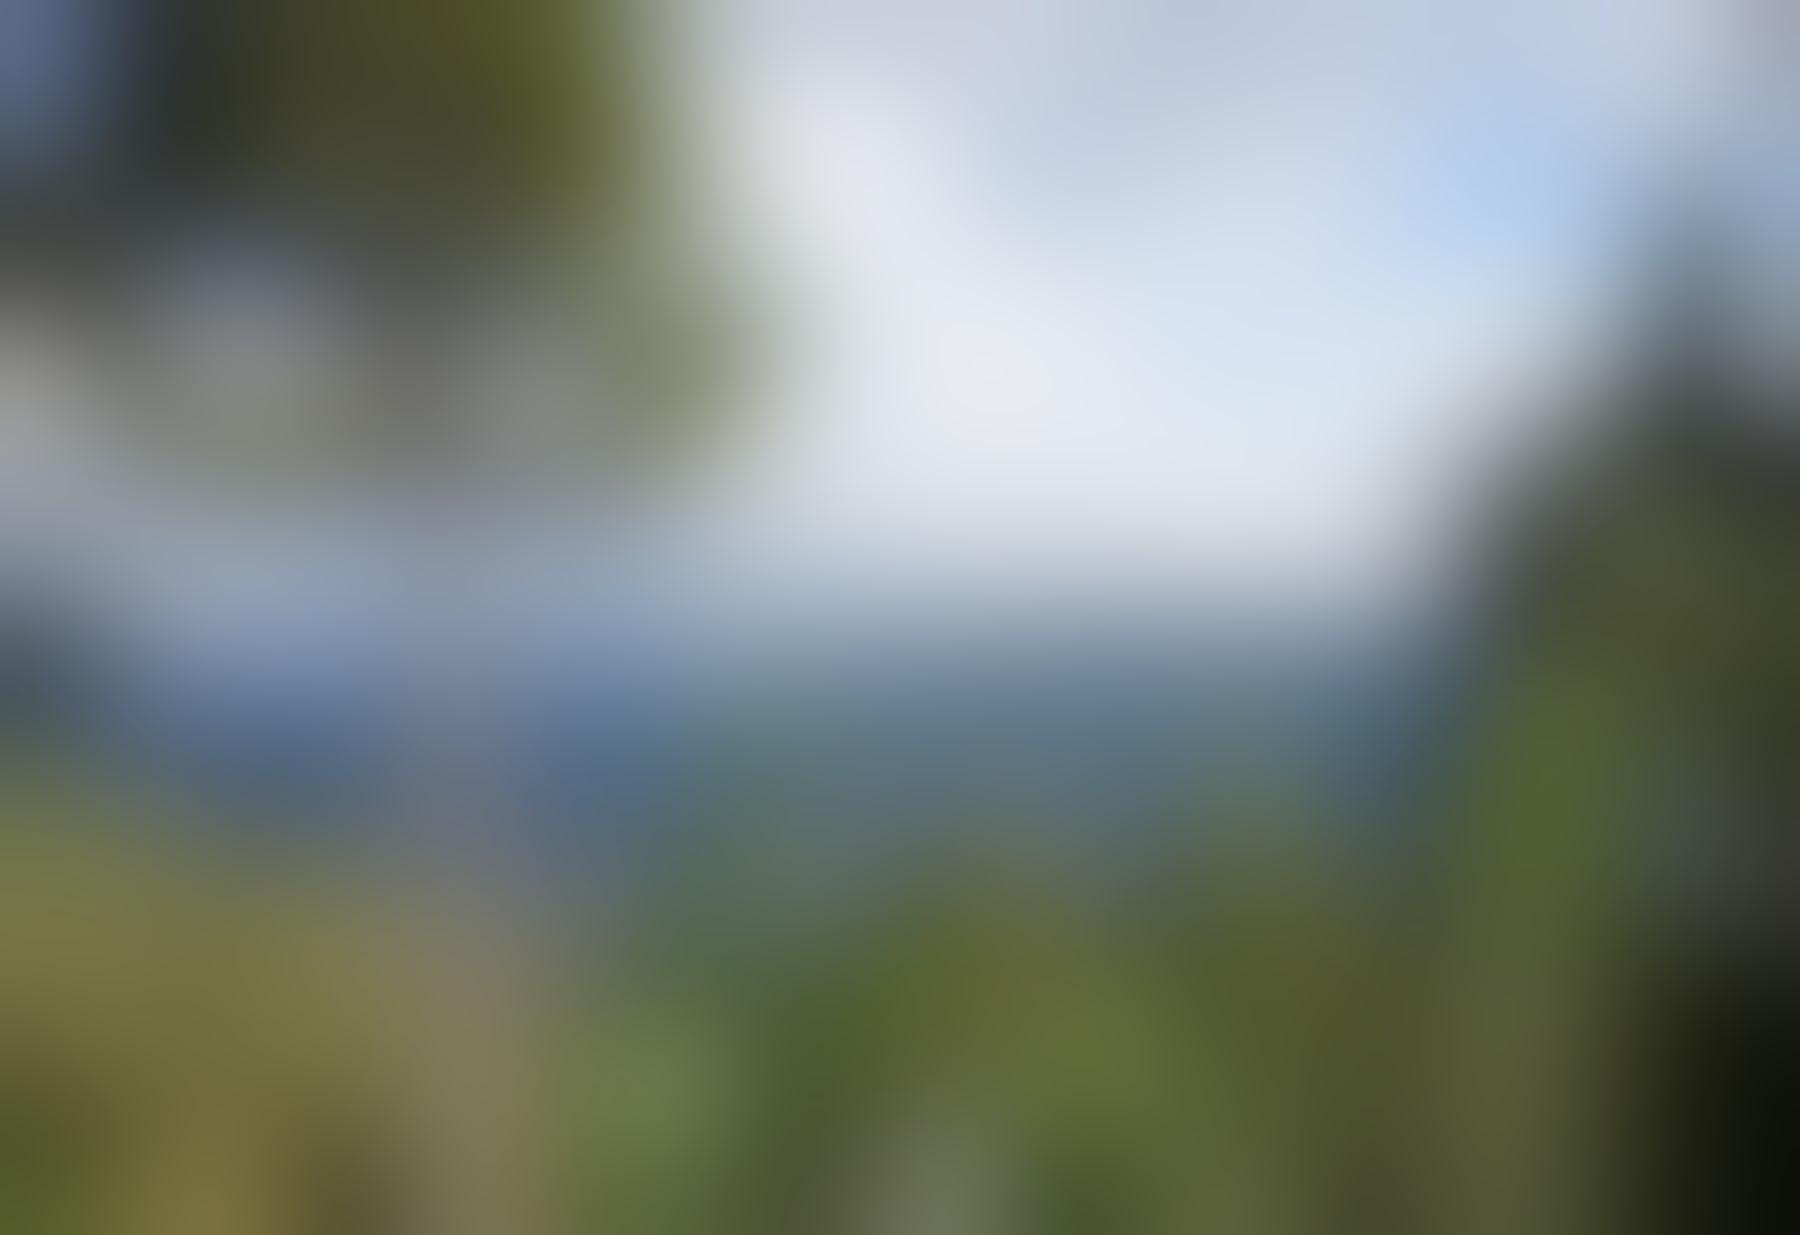 Huehuetenango, Guatemala